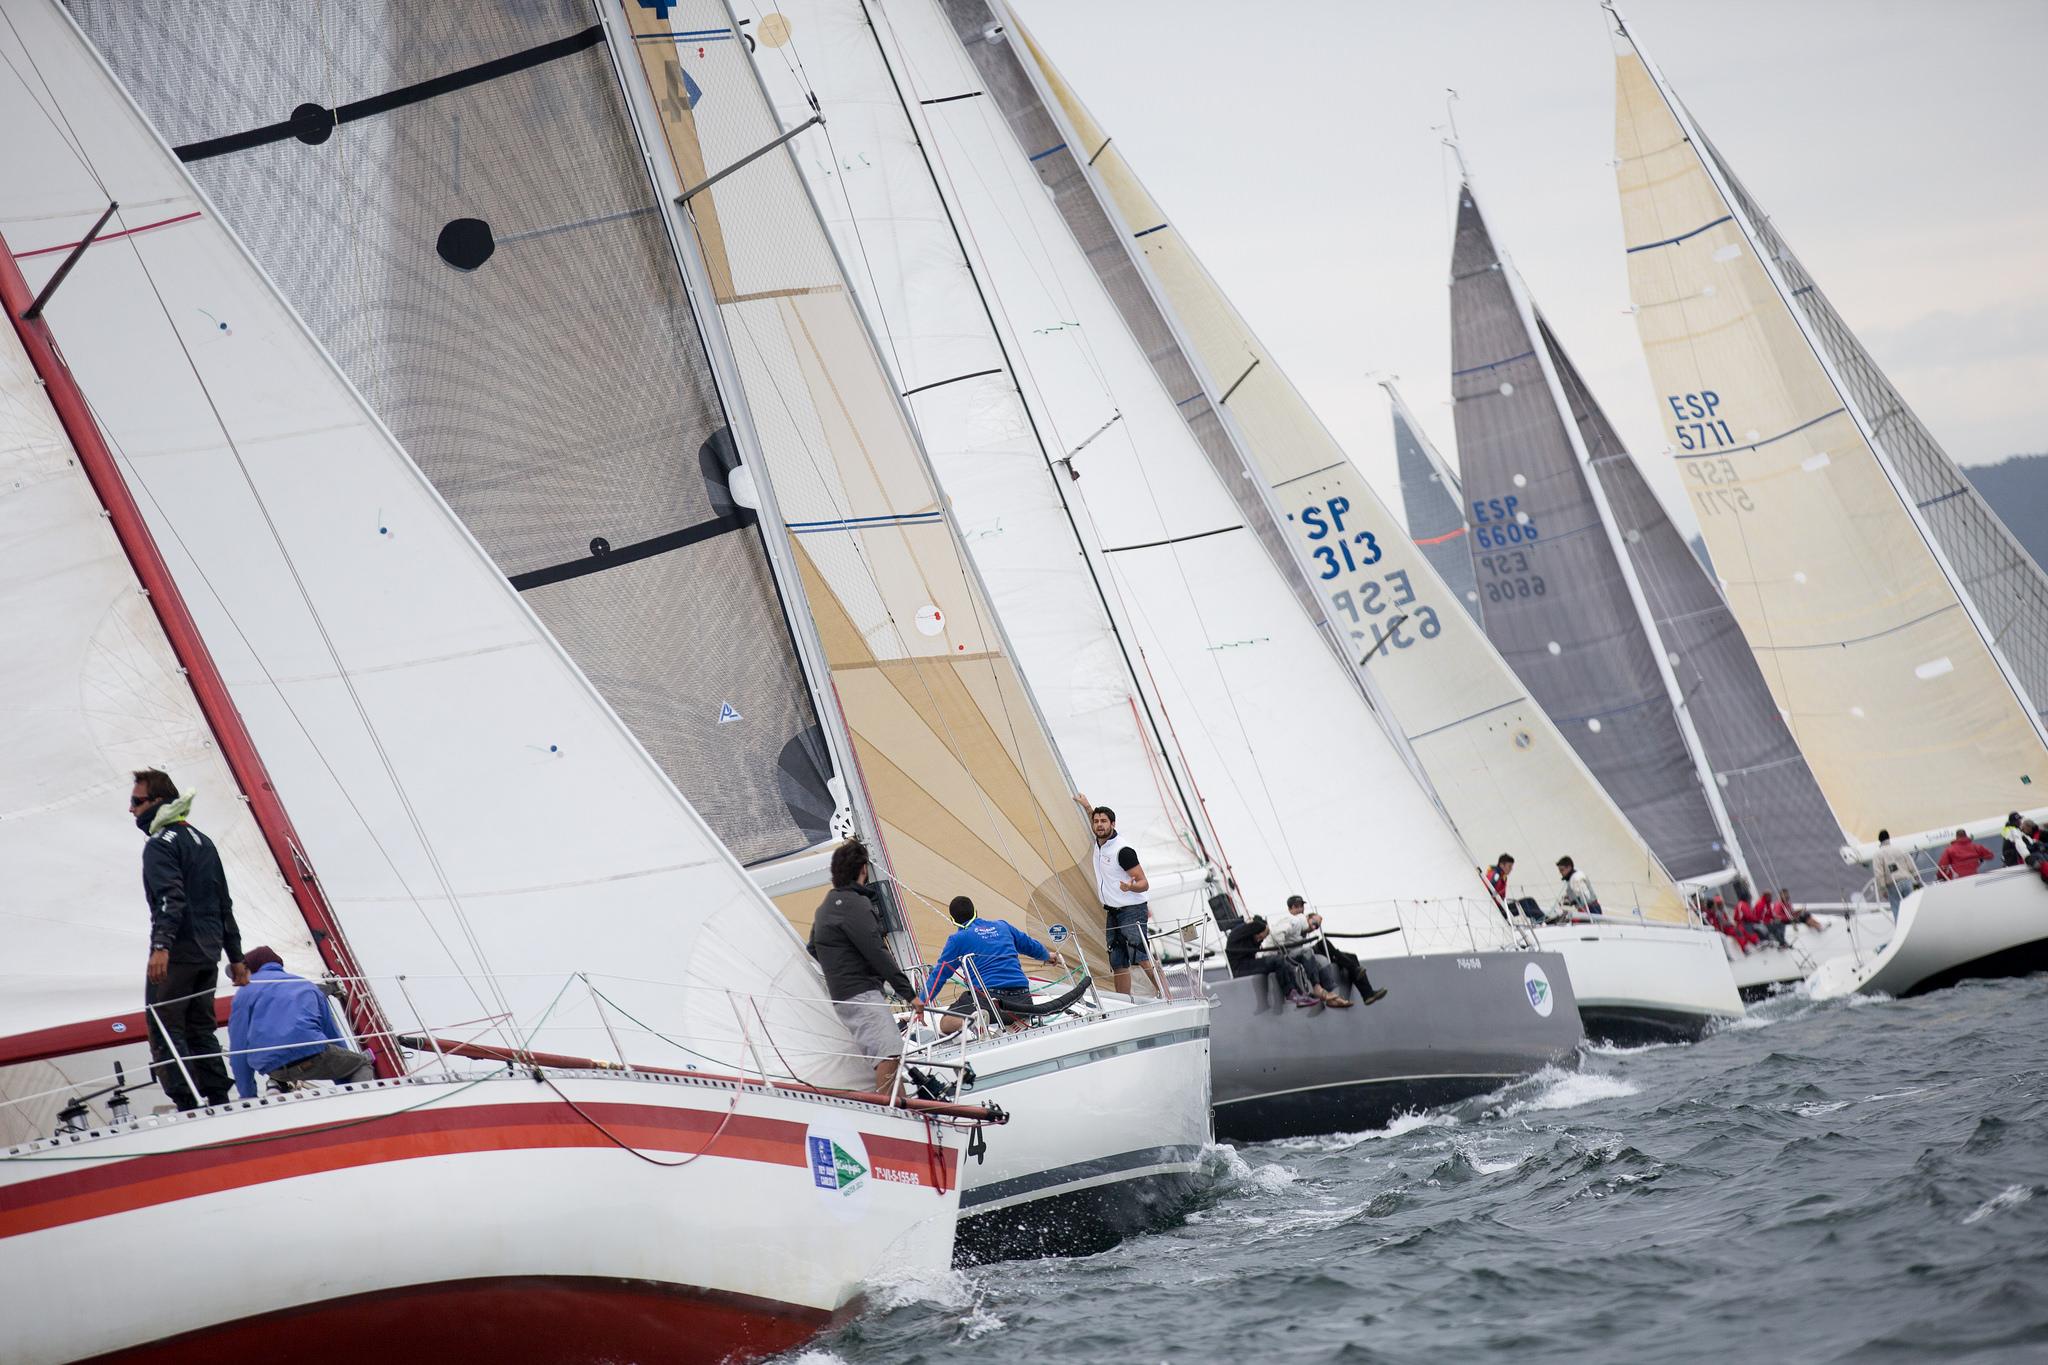 La flota de cruceros navegando en la primera jornada de competición en Sanxenxo © María Muiña